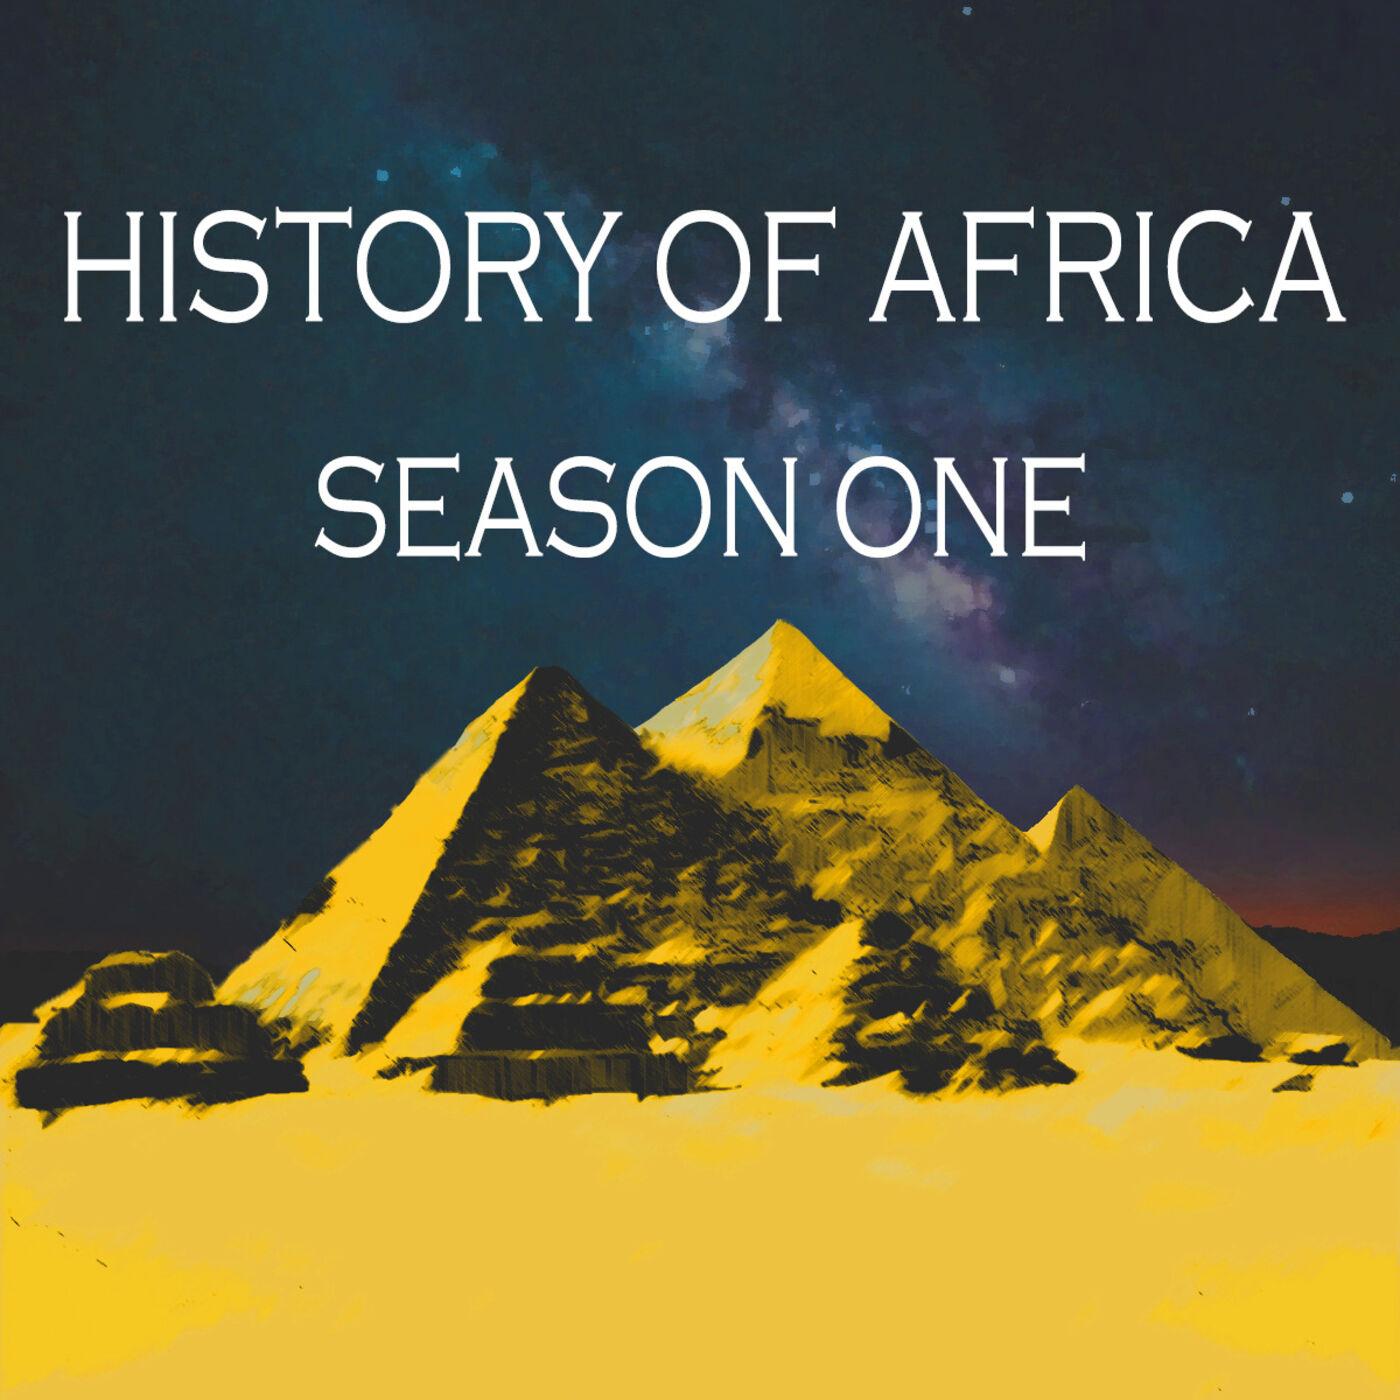 Episode 3: Egypt Before The Pharaohs